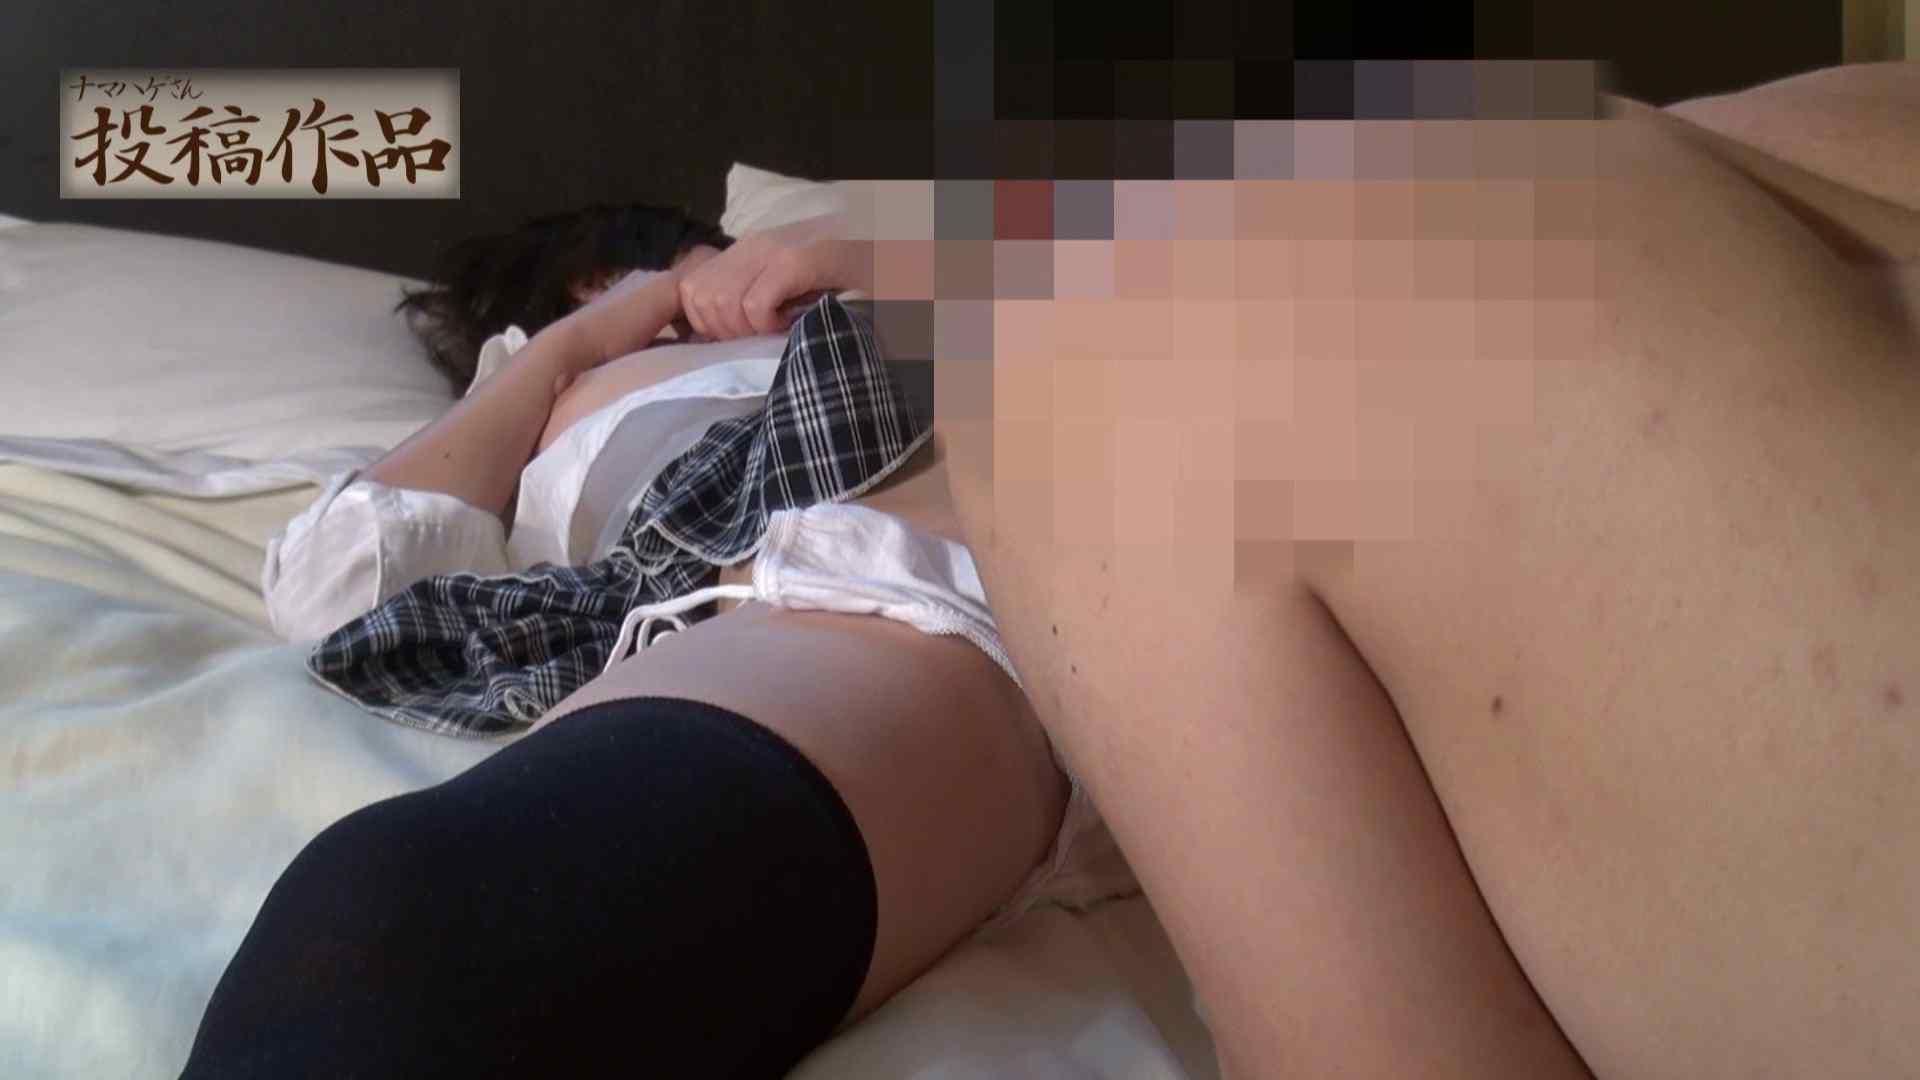 ナマハゲさんのまんこコレクション第二章 mifuyu02 一般投稿 SEX無修正画像 82pic 20